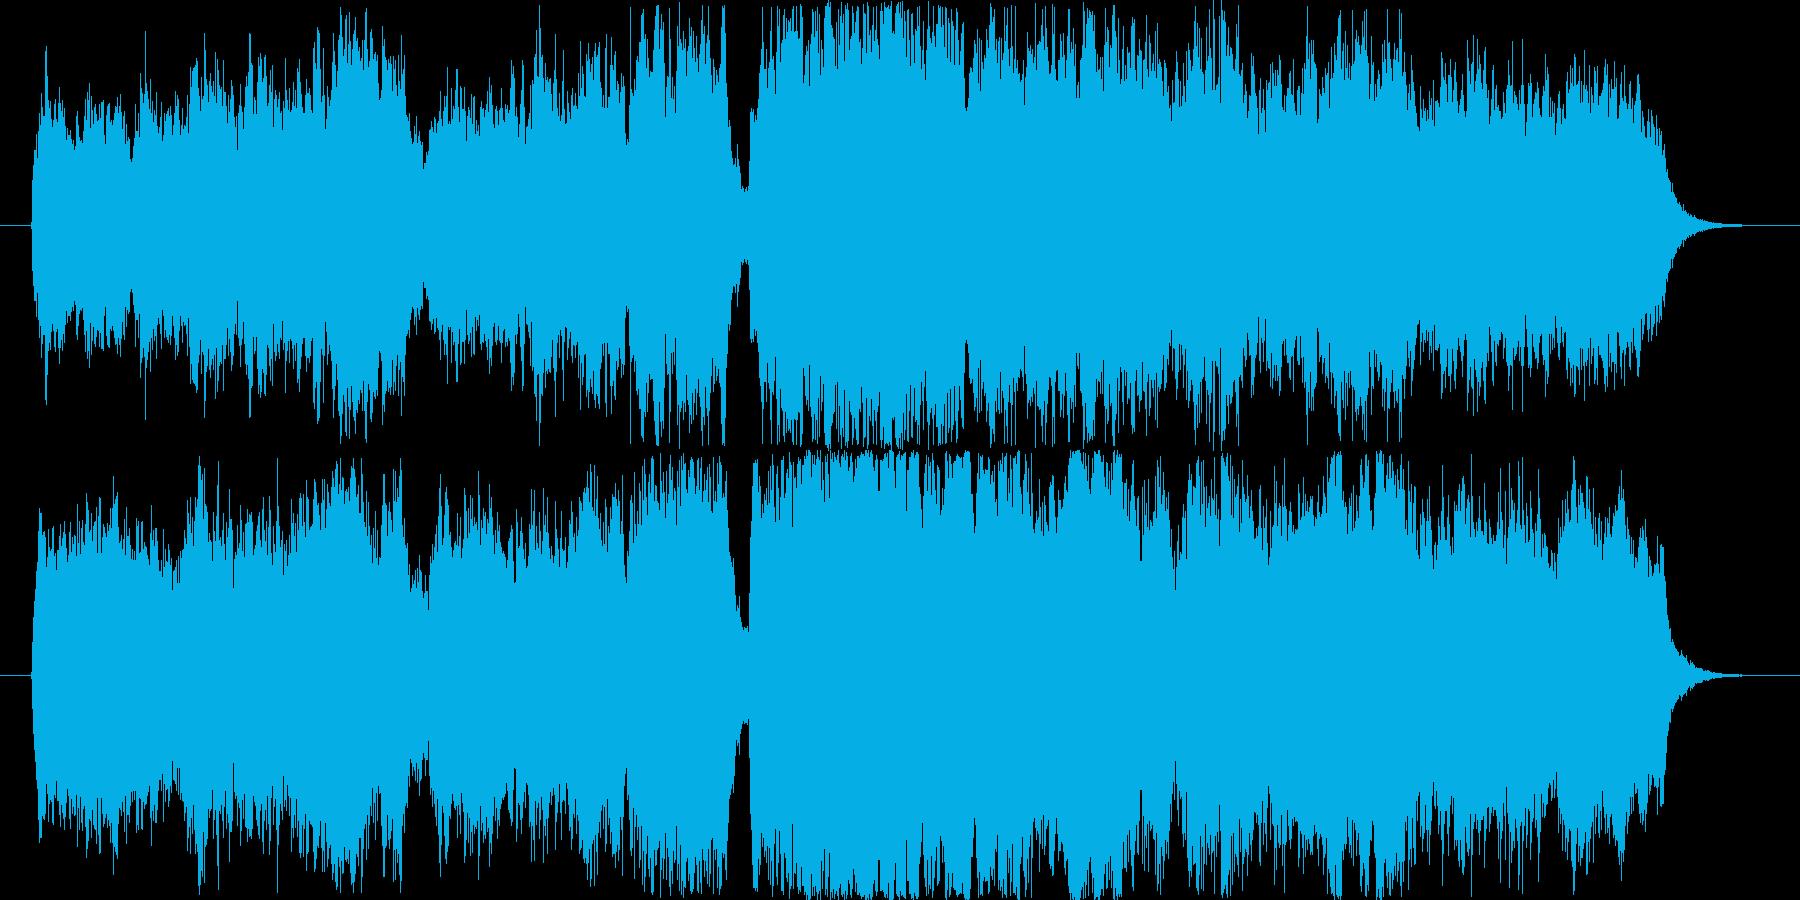 達成感のある爽やかなオーケストラ曲の再生済みの波形